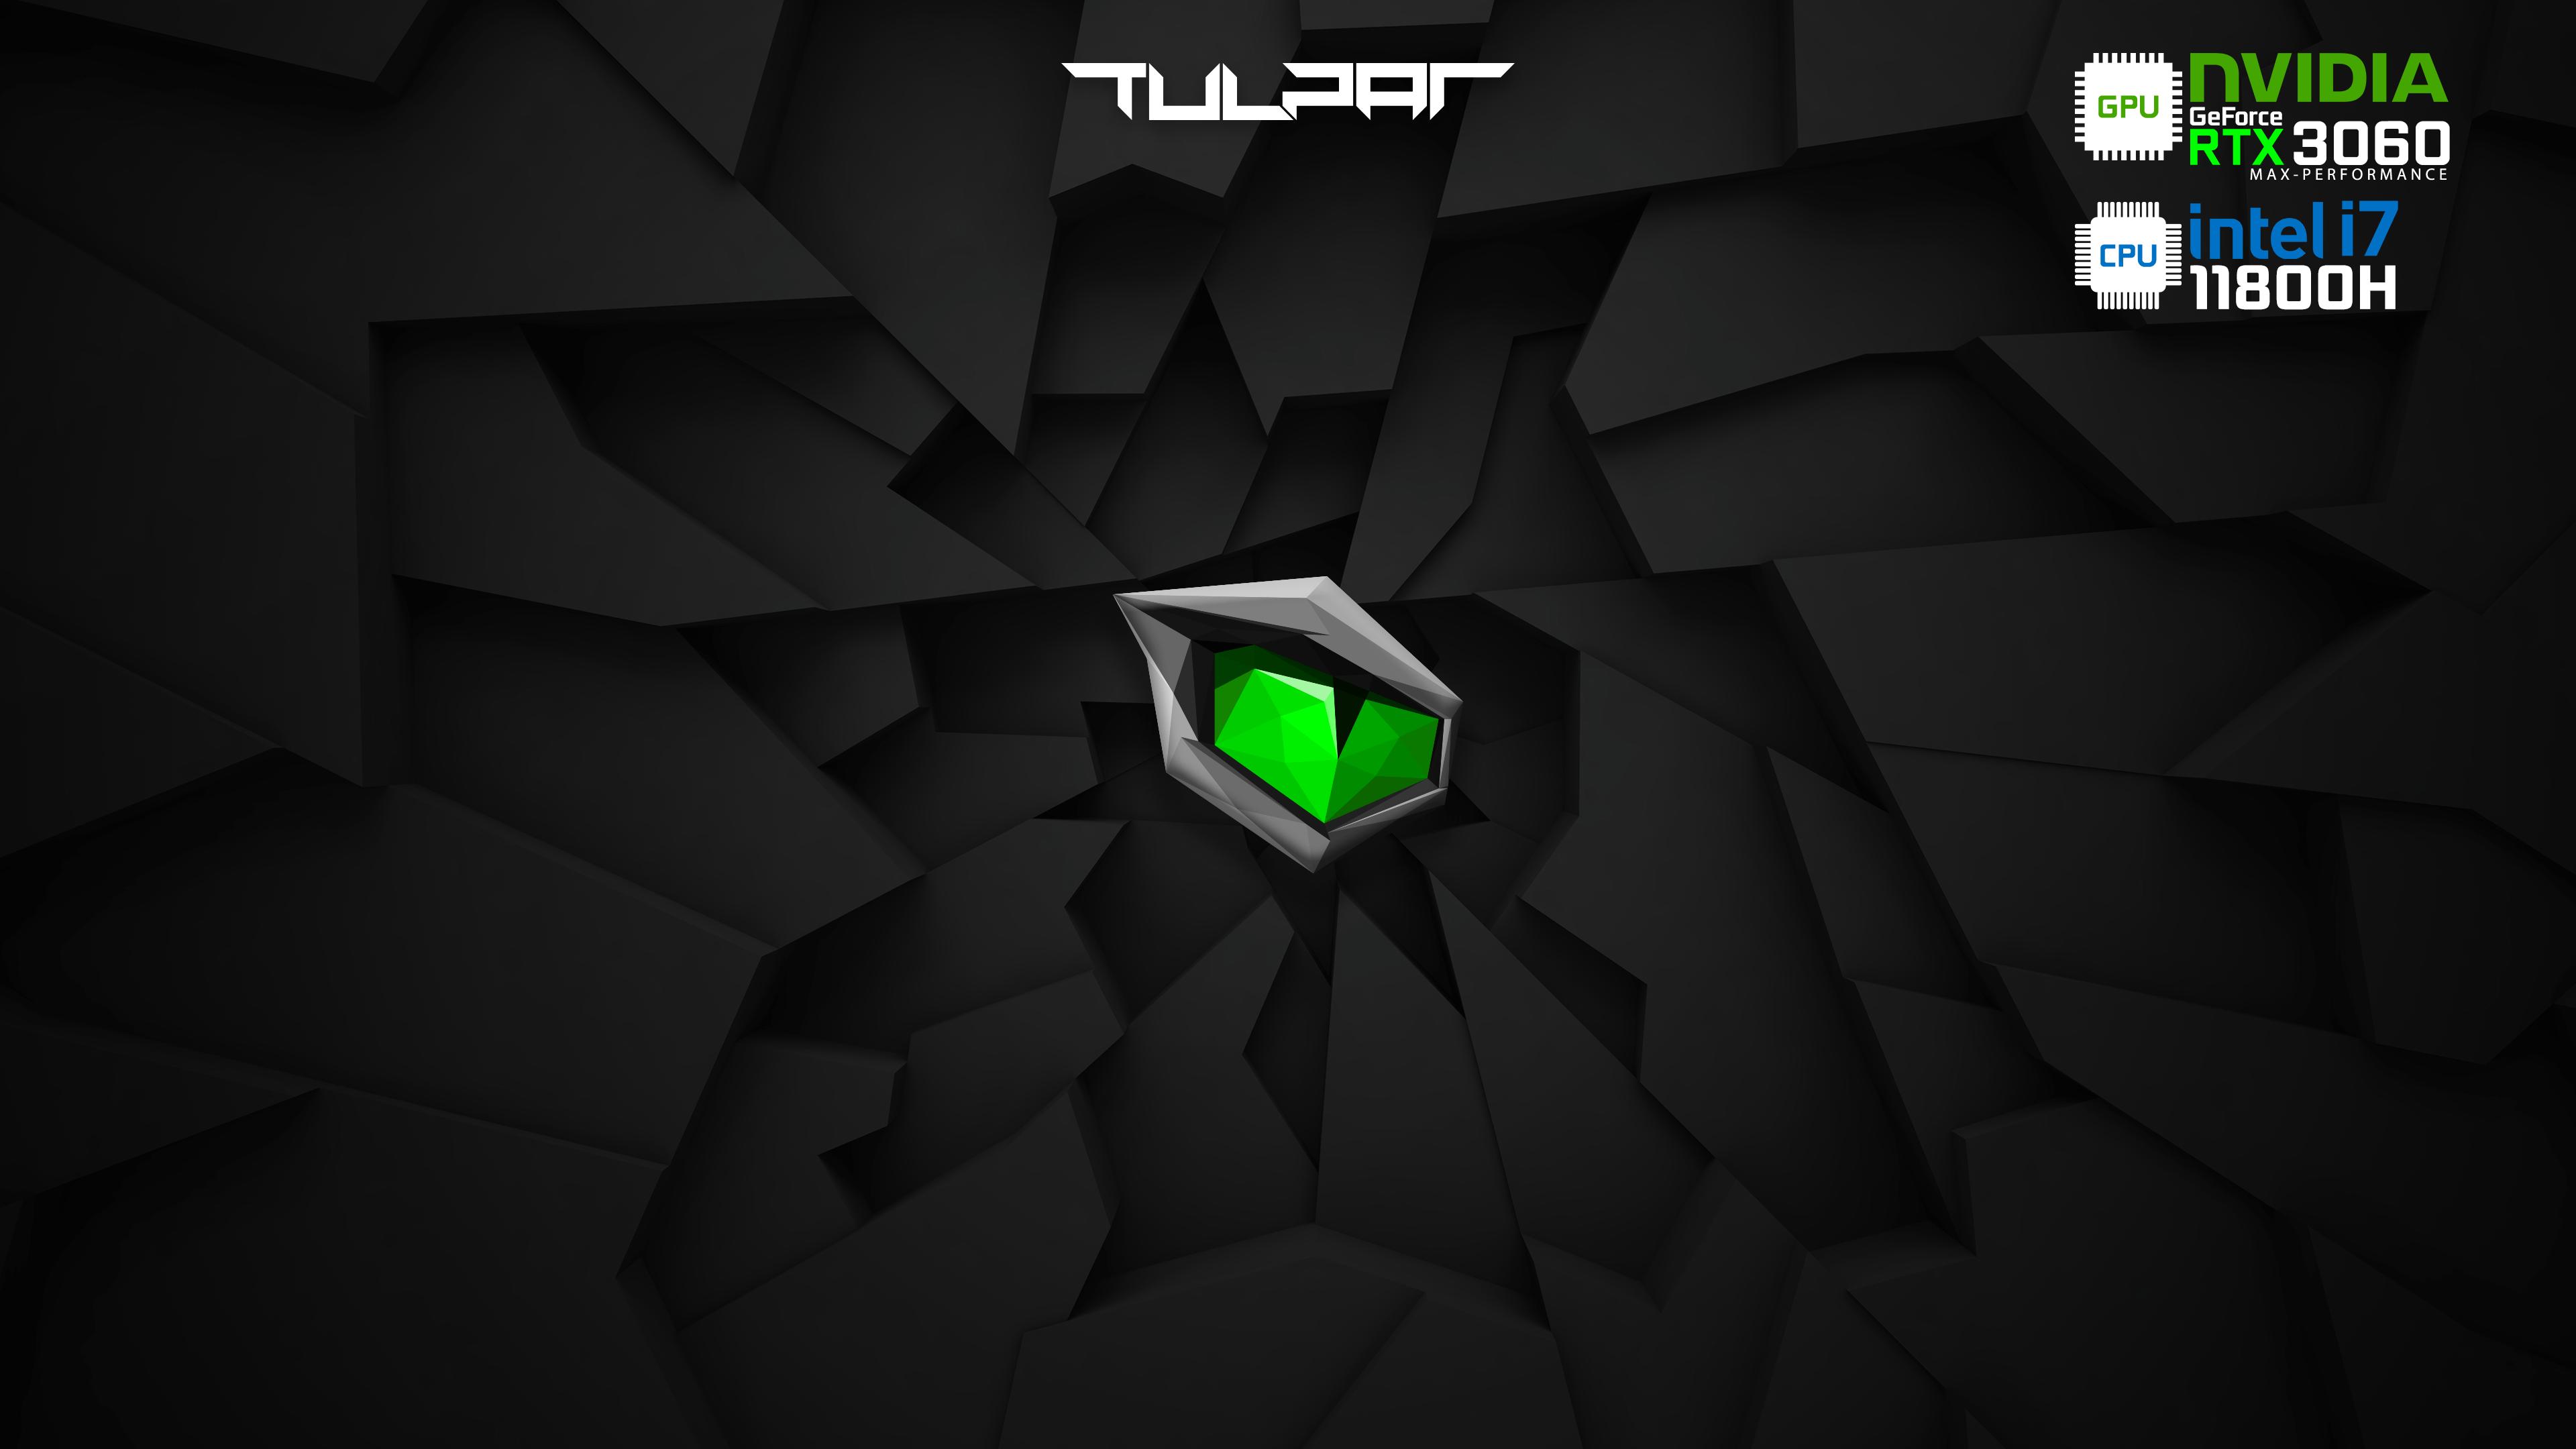 Monster - Tulpar - 3060 - i7 - 11800